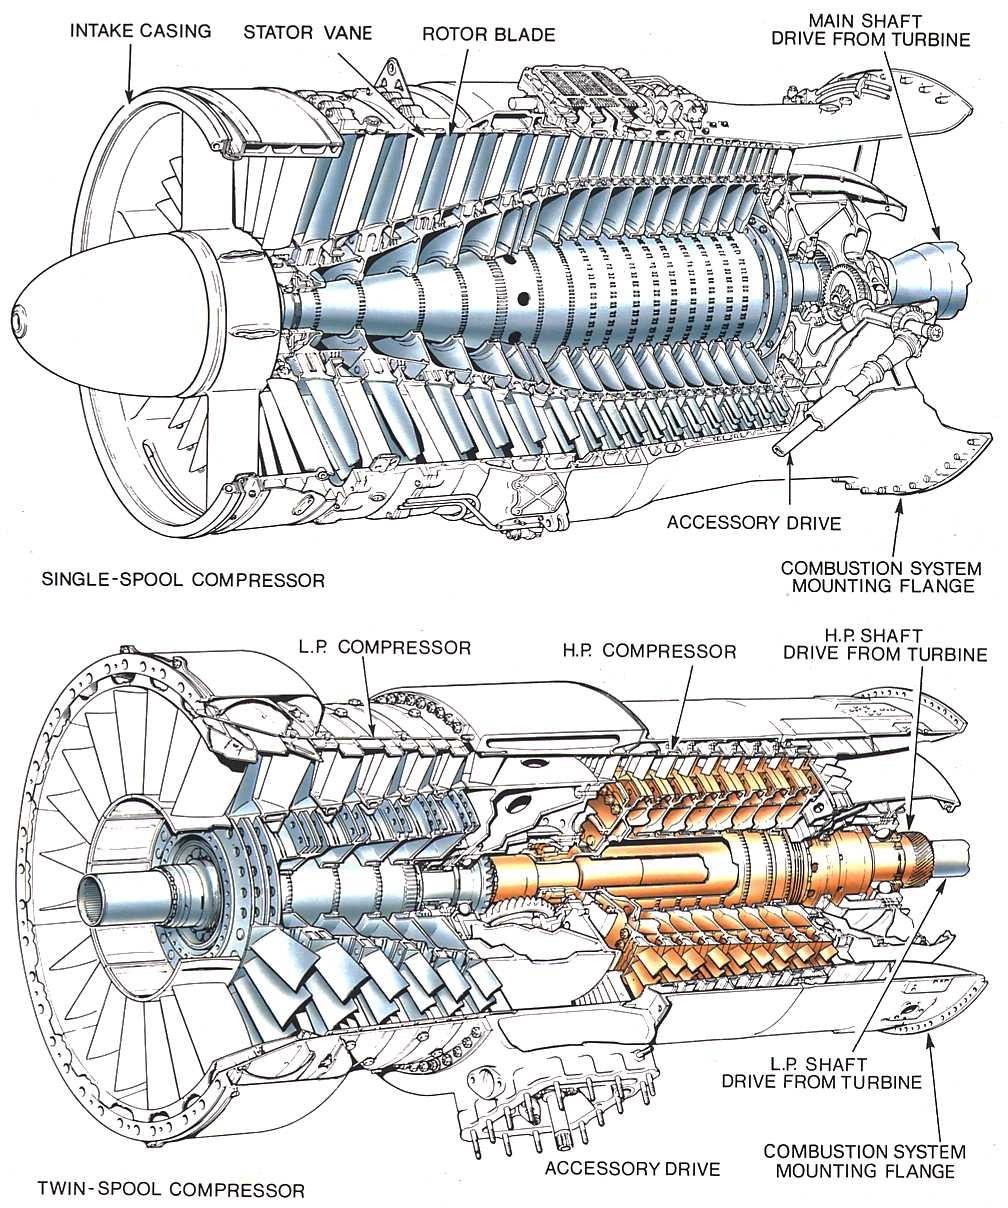 Axial Flow Compressor : Model aircraft the axial flow compressor